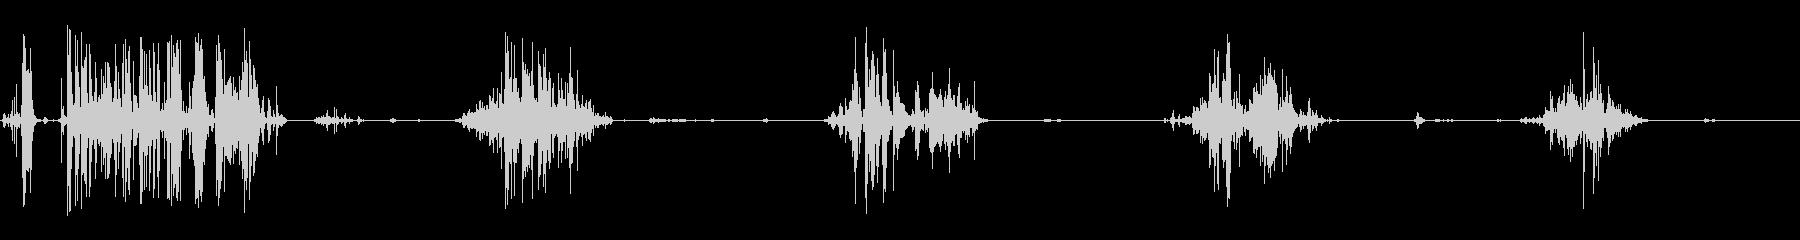 食べる音14(ポテトチップスなど)の未再生の波形